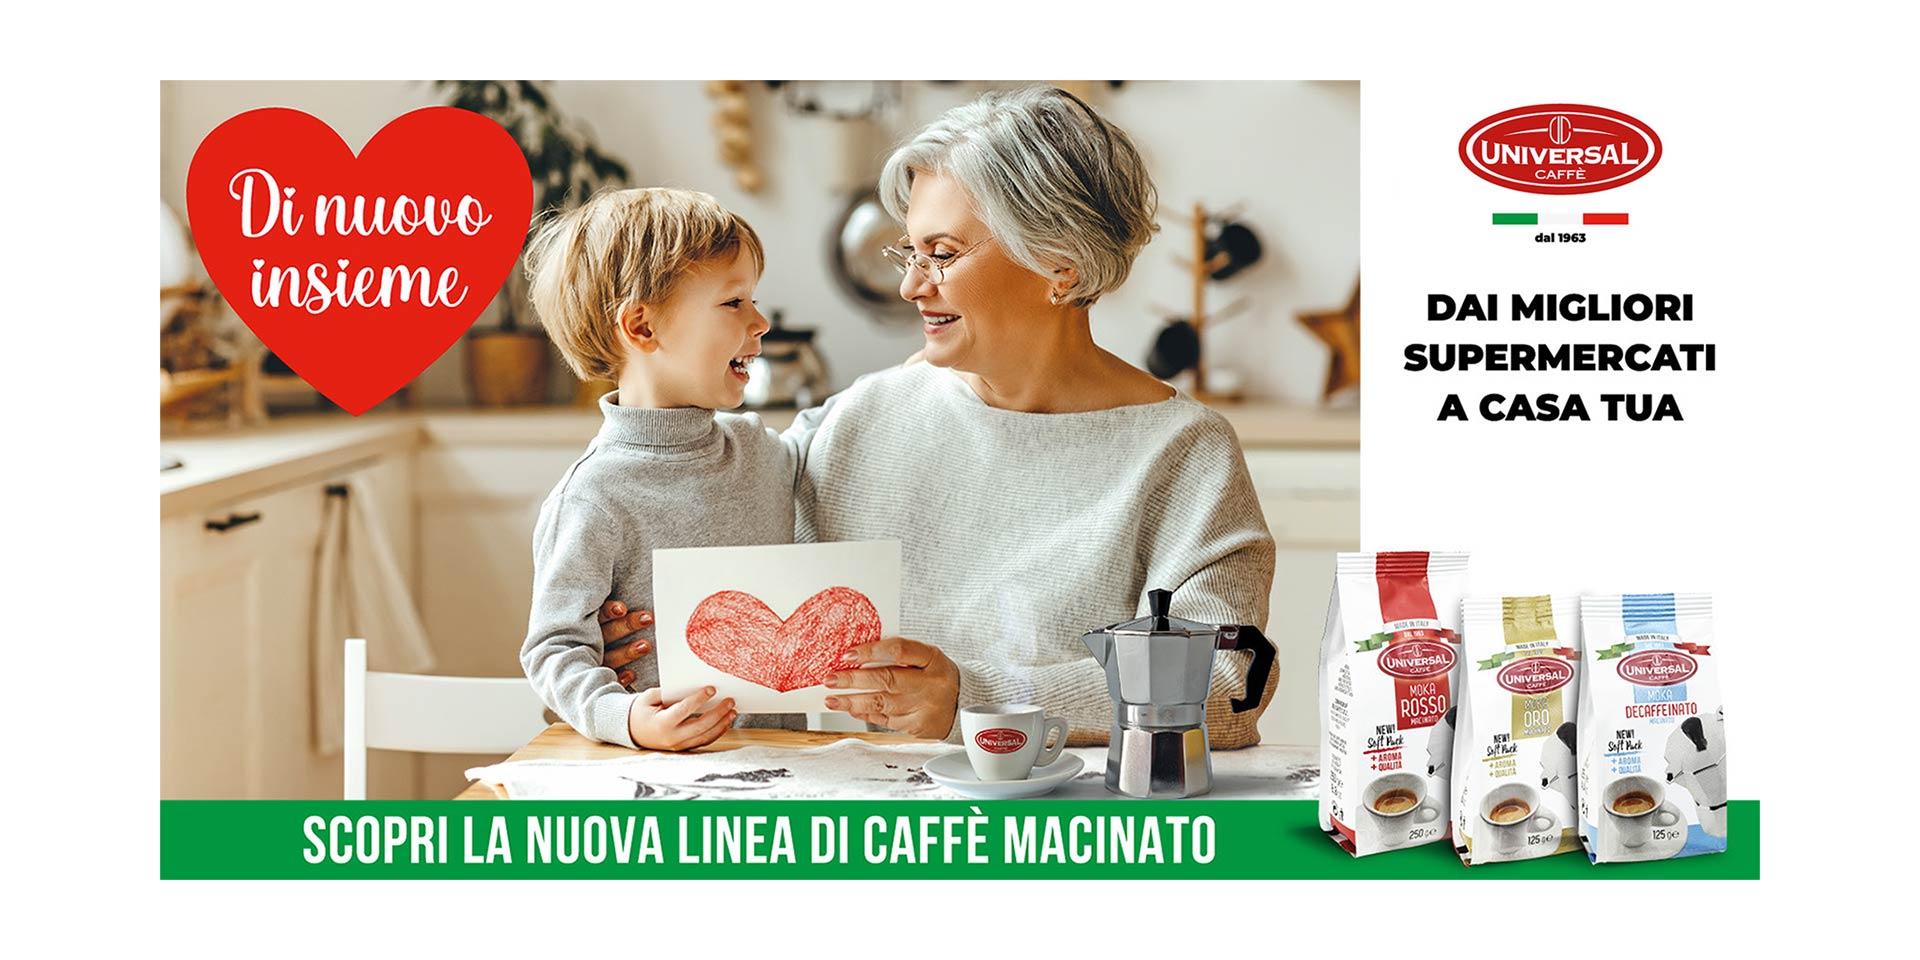 Soft Pack Nuova Linea di Caffè